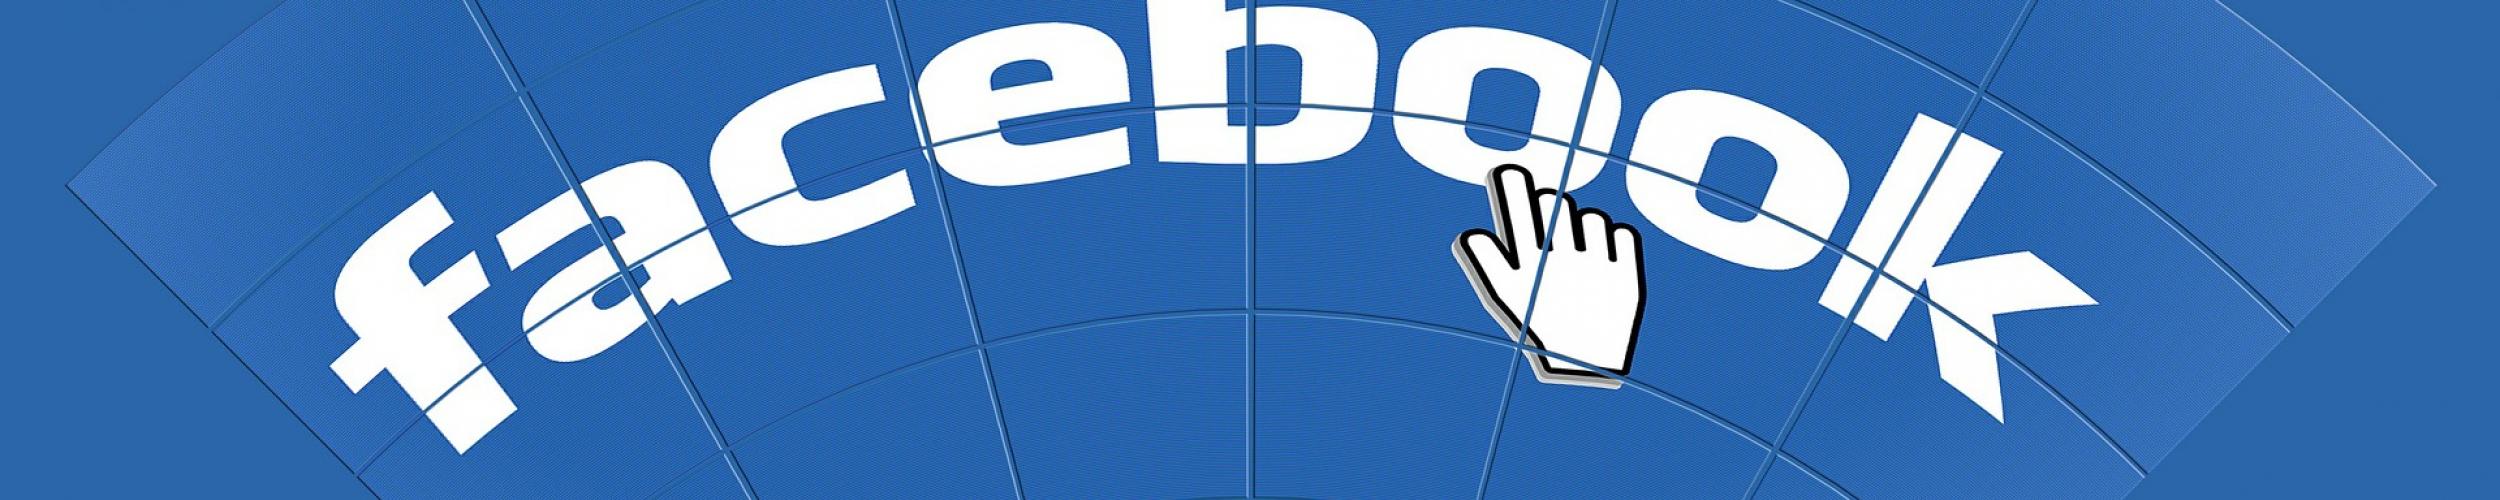 Facebook, mijn ervaringen